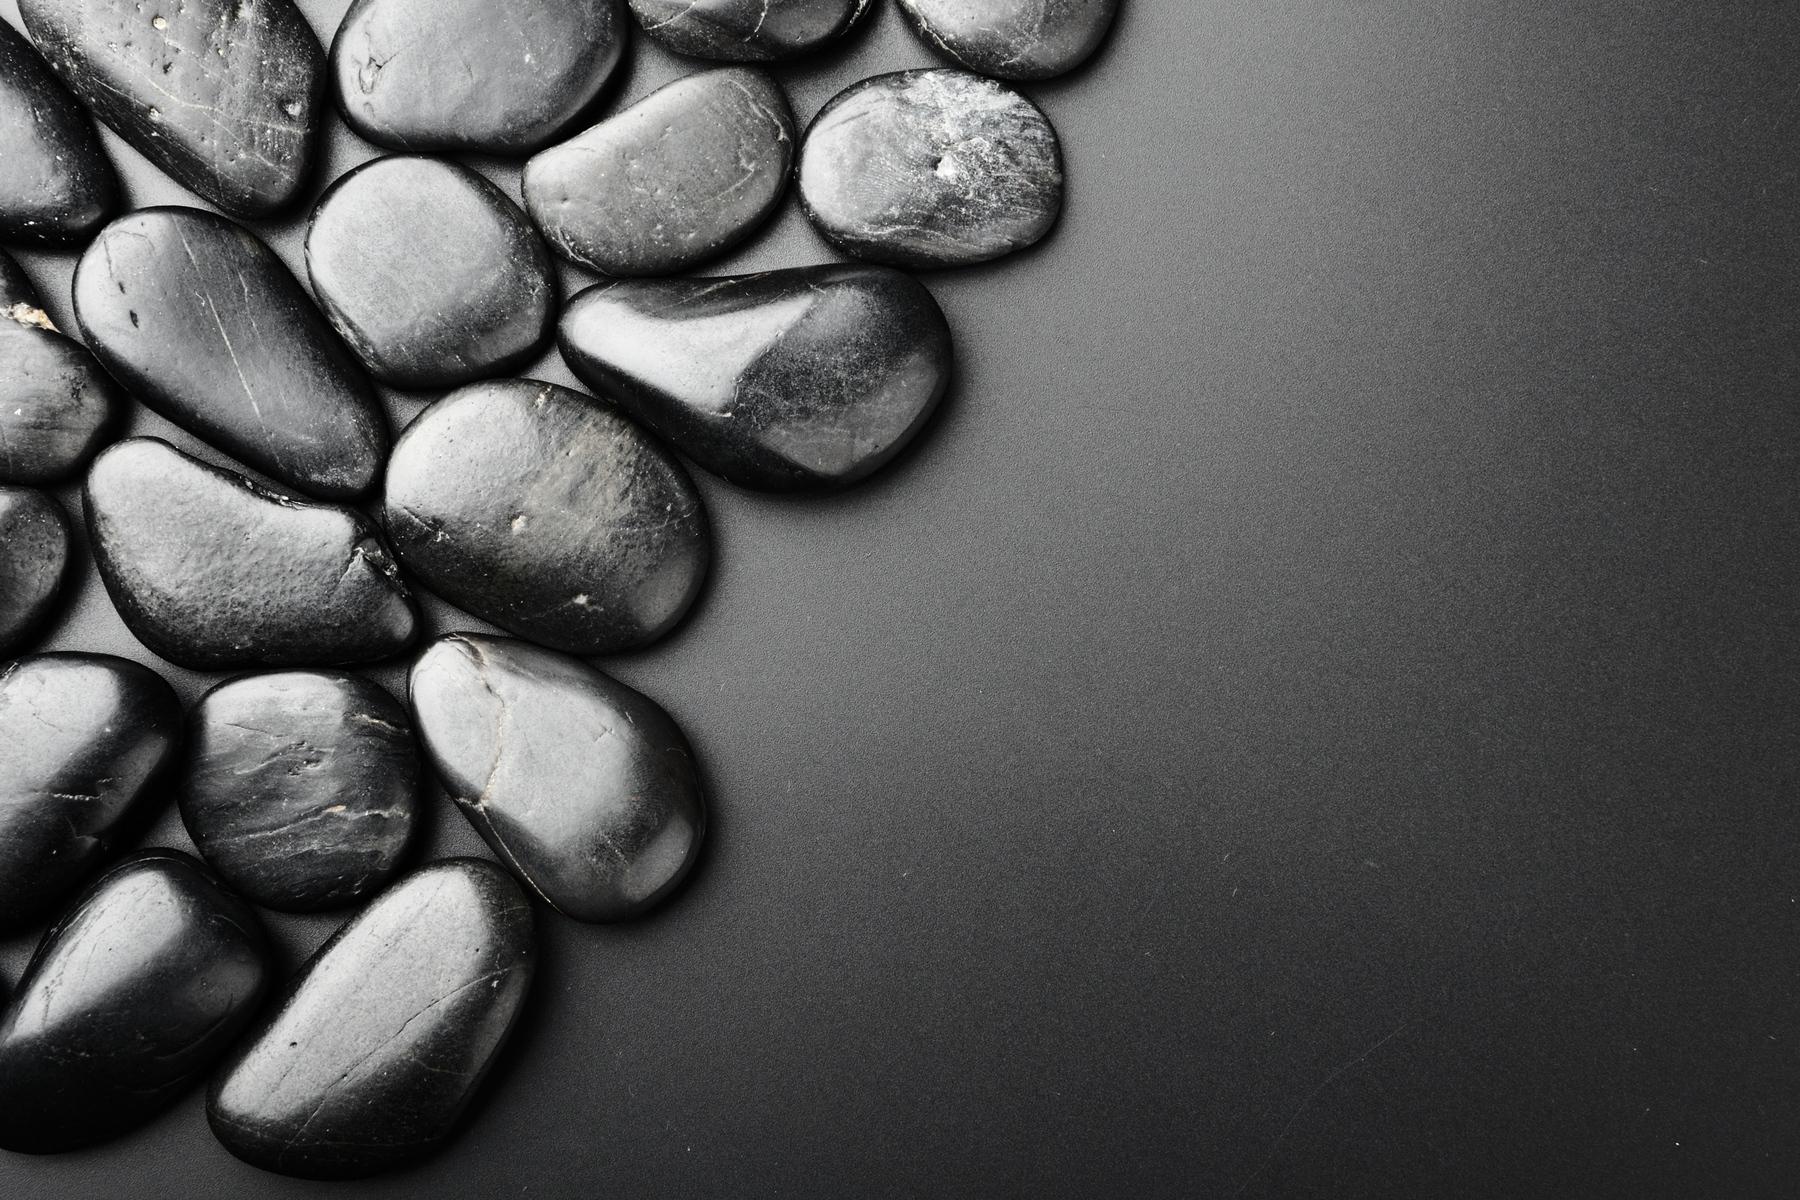 Galets noirs brillants sur fond gris foncé